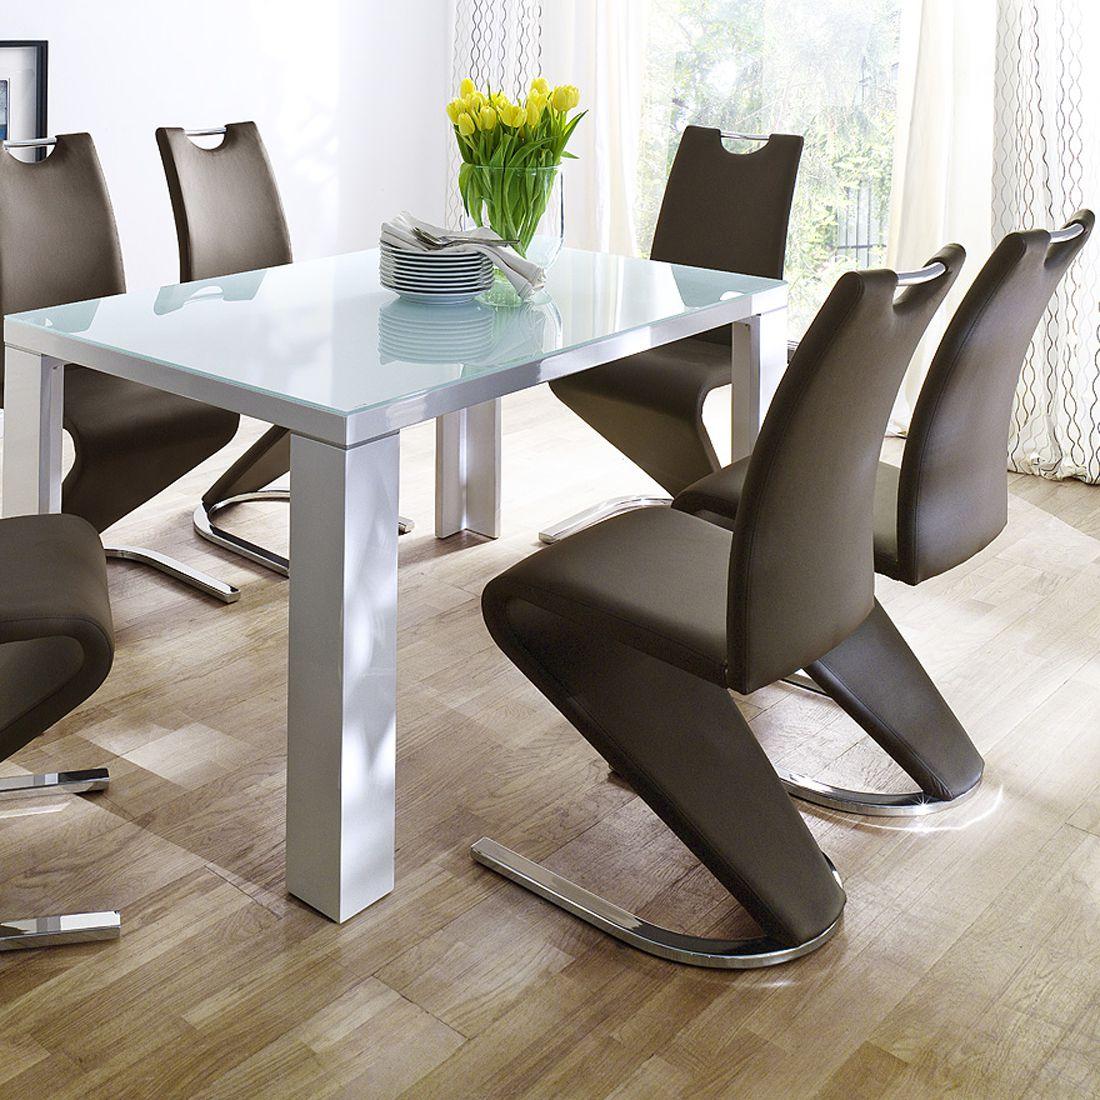 essgruppe tizio 7 teilig glas wei hochglanz kunstleder braun bellinzona m bel24 online. Black Bedroom Furniture Sets. Home Design Ideas